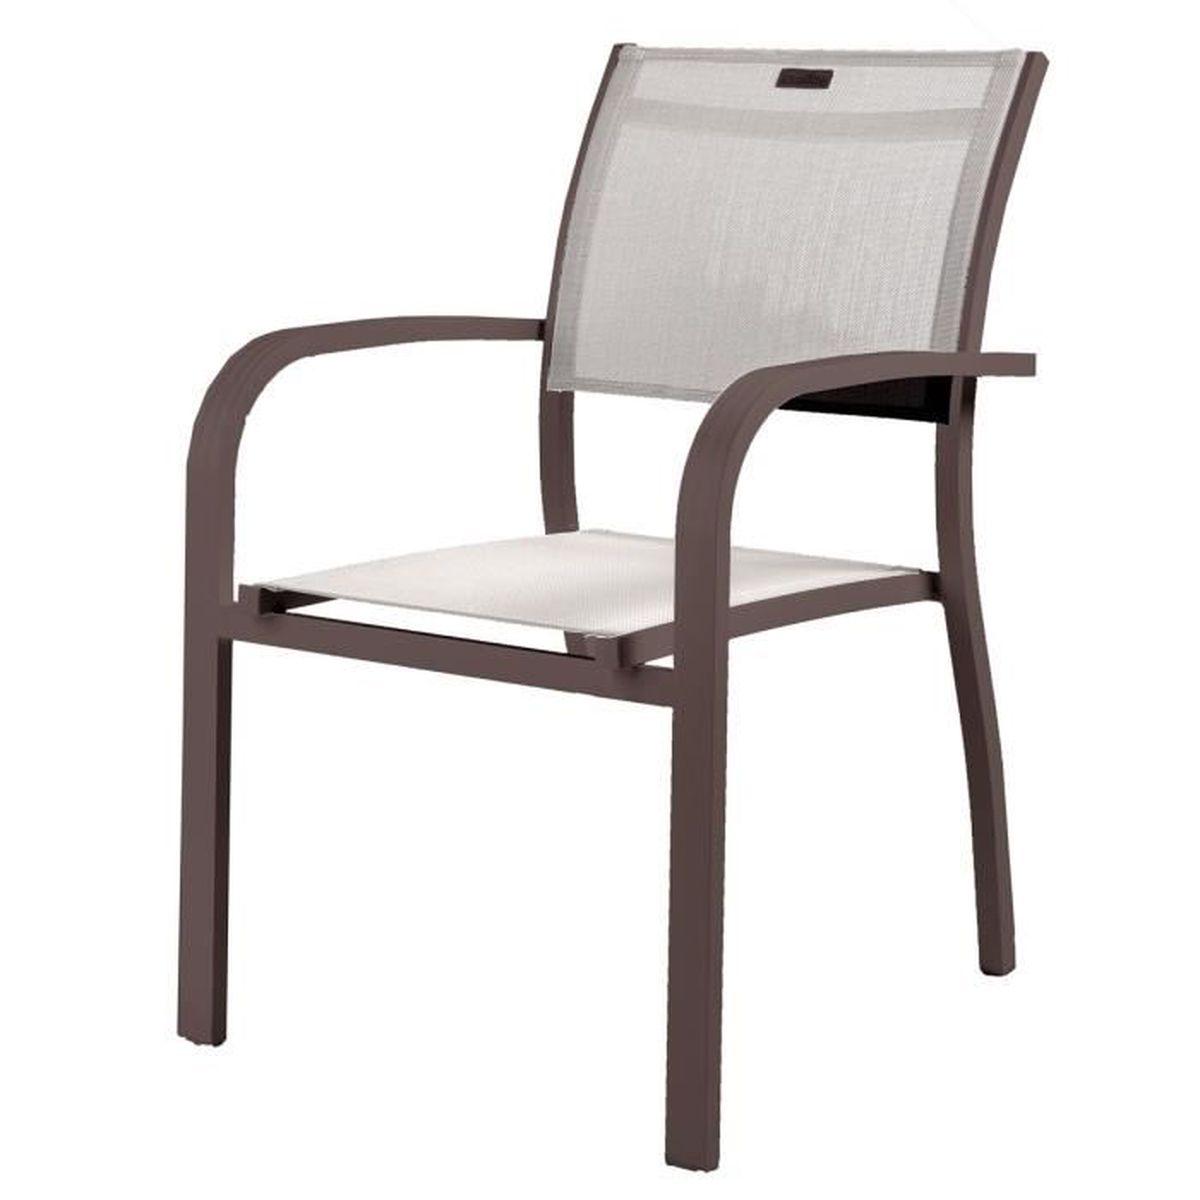 Fauteuil de Jardin Honfleur Noisette Marron - Achat / Vente fauteuil ...